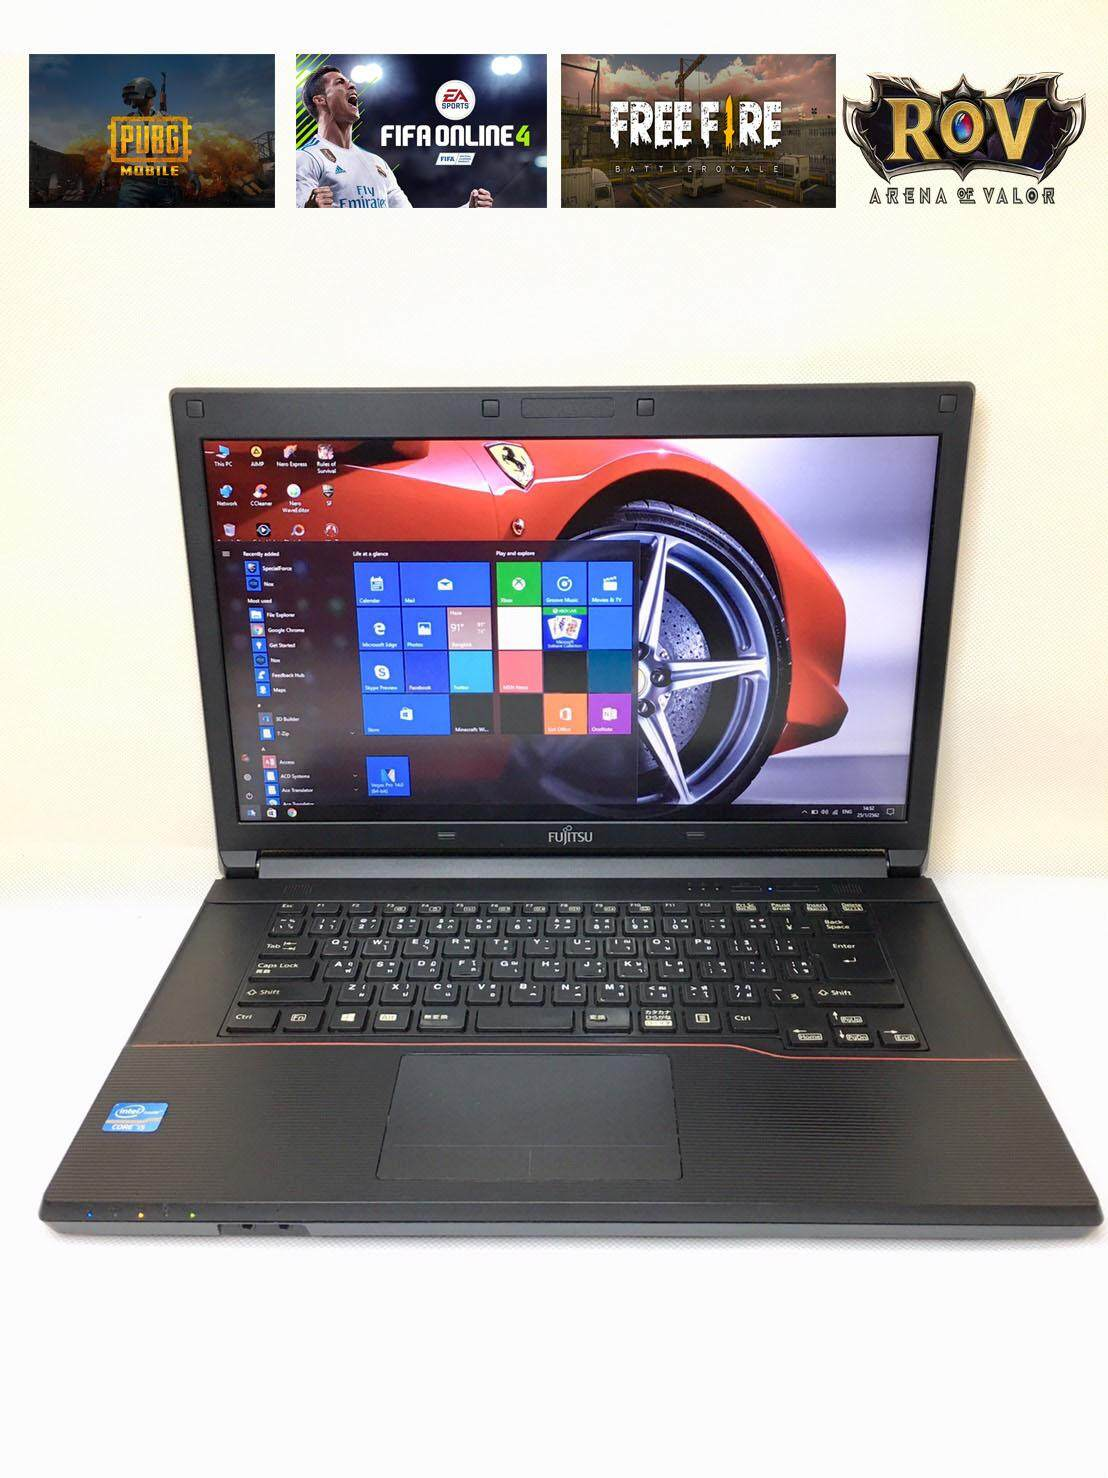 โน๊ตบุ๊ค Notebook Fujitsu Core I5 Ram 8 Gb.(rov, Free Fire, Pubgmobile, Fifa4, Hon, Pb, เล่นได้) By Niceit.